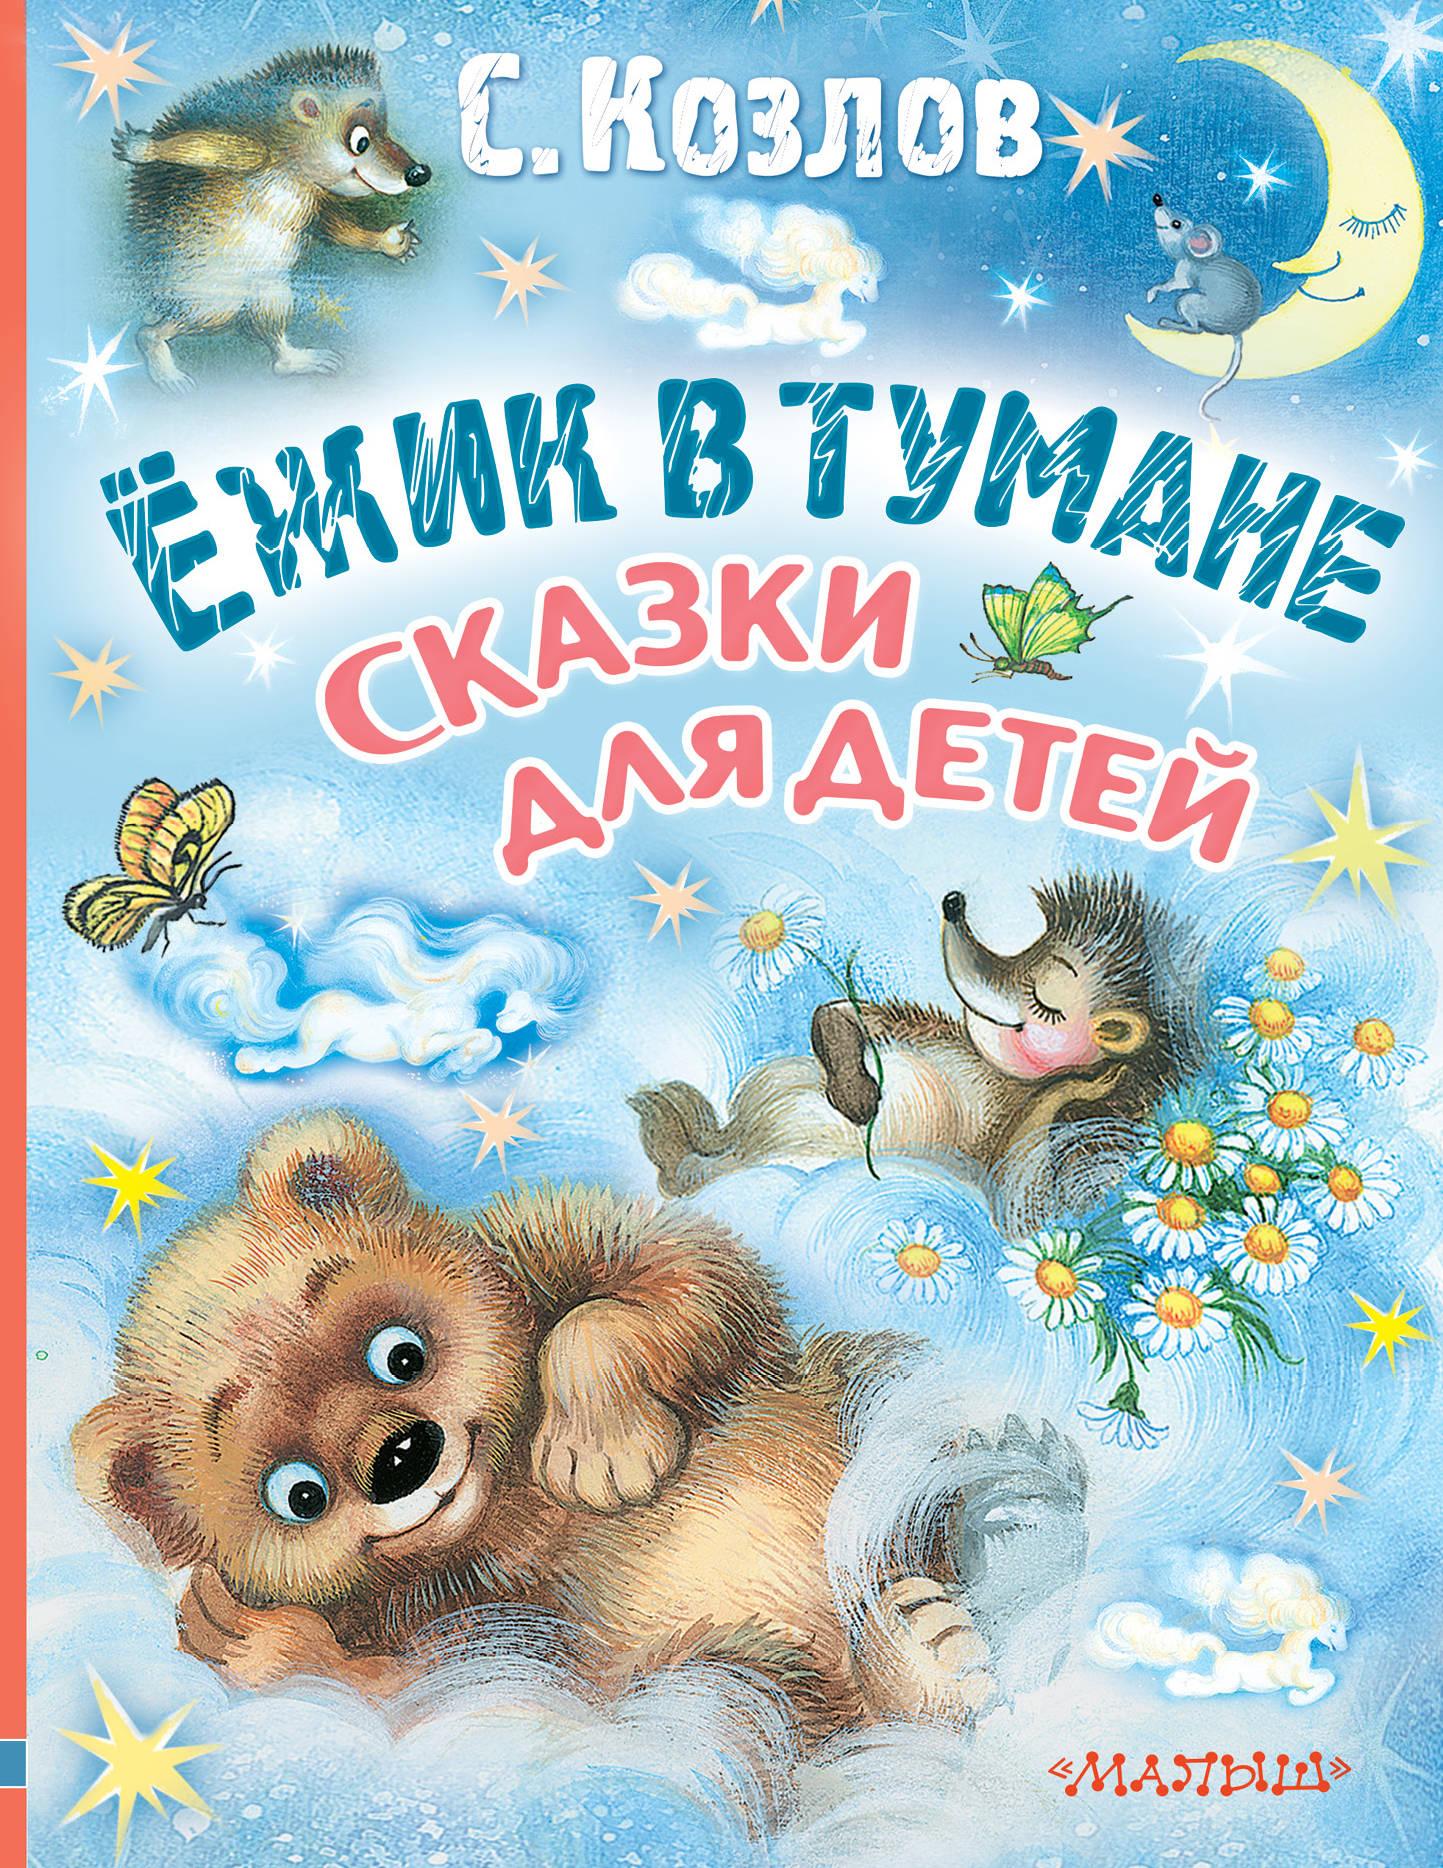 купить С. Козлов Ёжик в тумане. Сказки для детей по цене 570 рублей